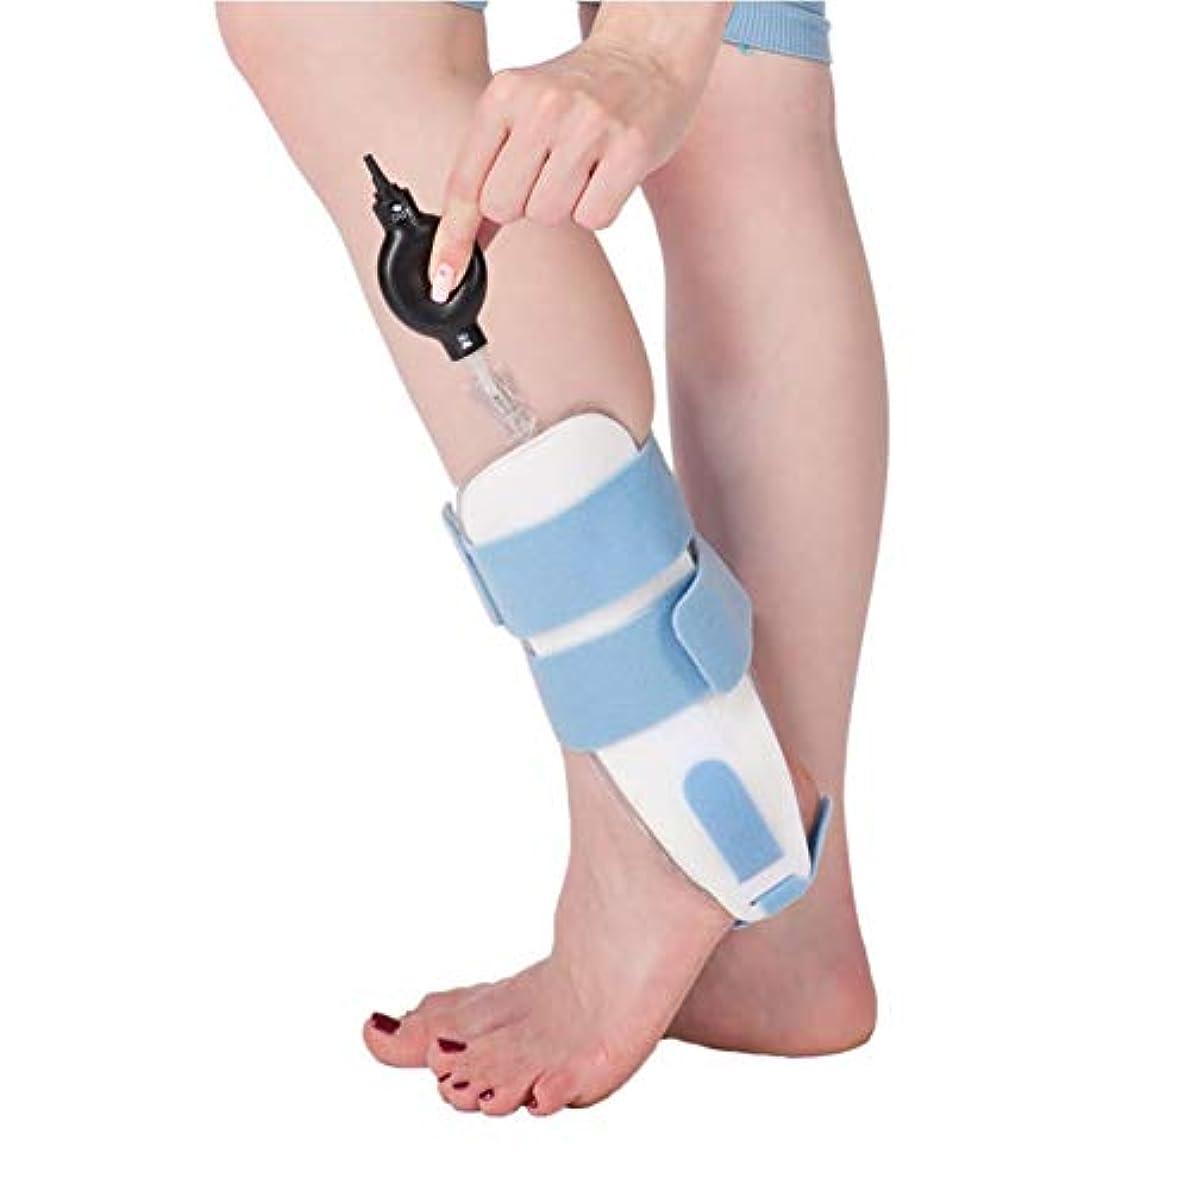 神秘除外する解明足首の装具の膨脹可能な足首の保護装置は石膏の足の捻rainの固定副木を取り替えることができます